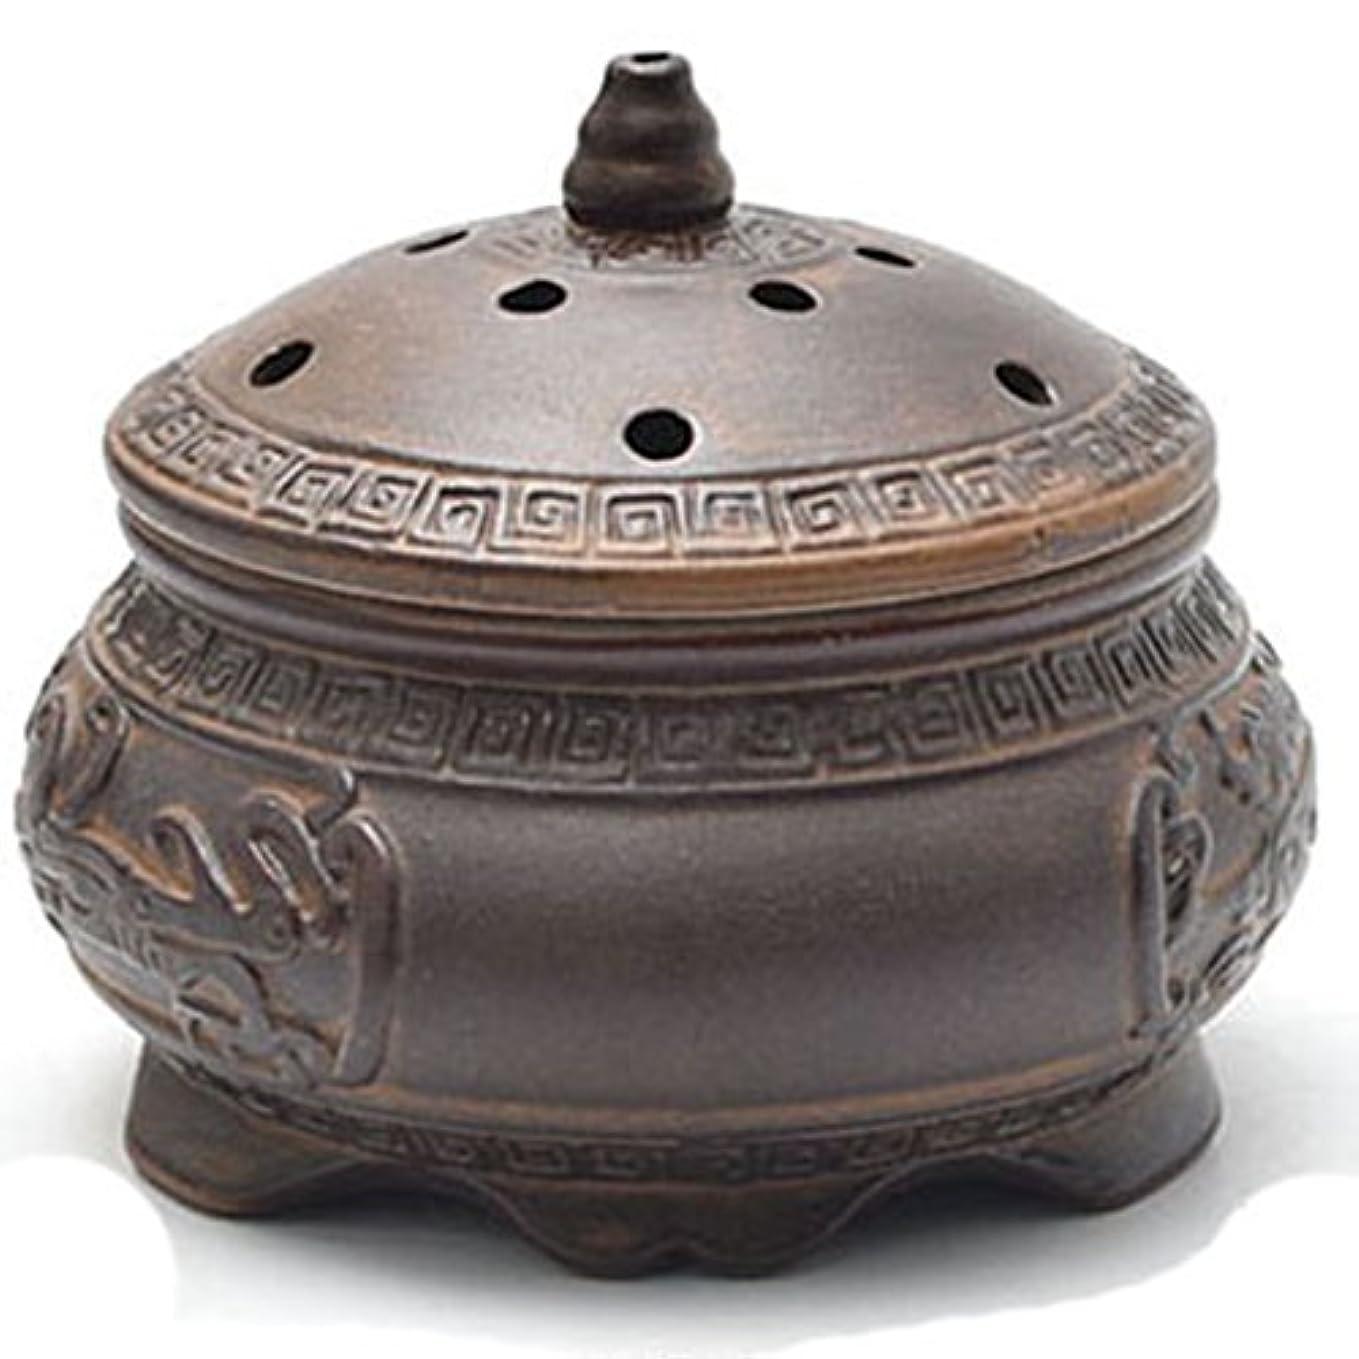 ミニいらいらさせる妊娠した(ラシューバー) Lasuiveur 香炉 線香立て 香立て 職人さんの手作り 茶道用品 おしゃれ